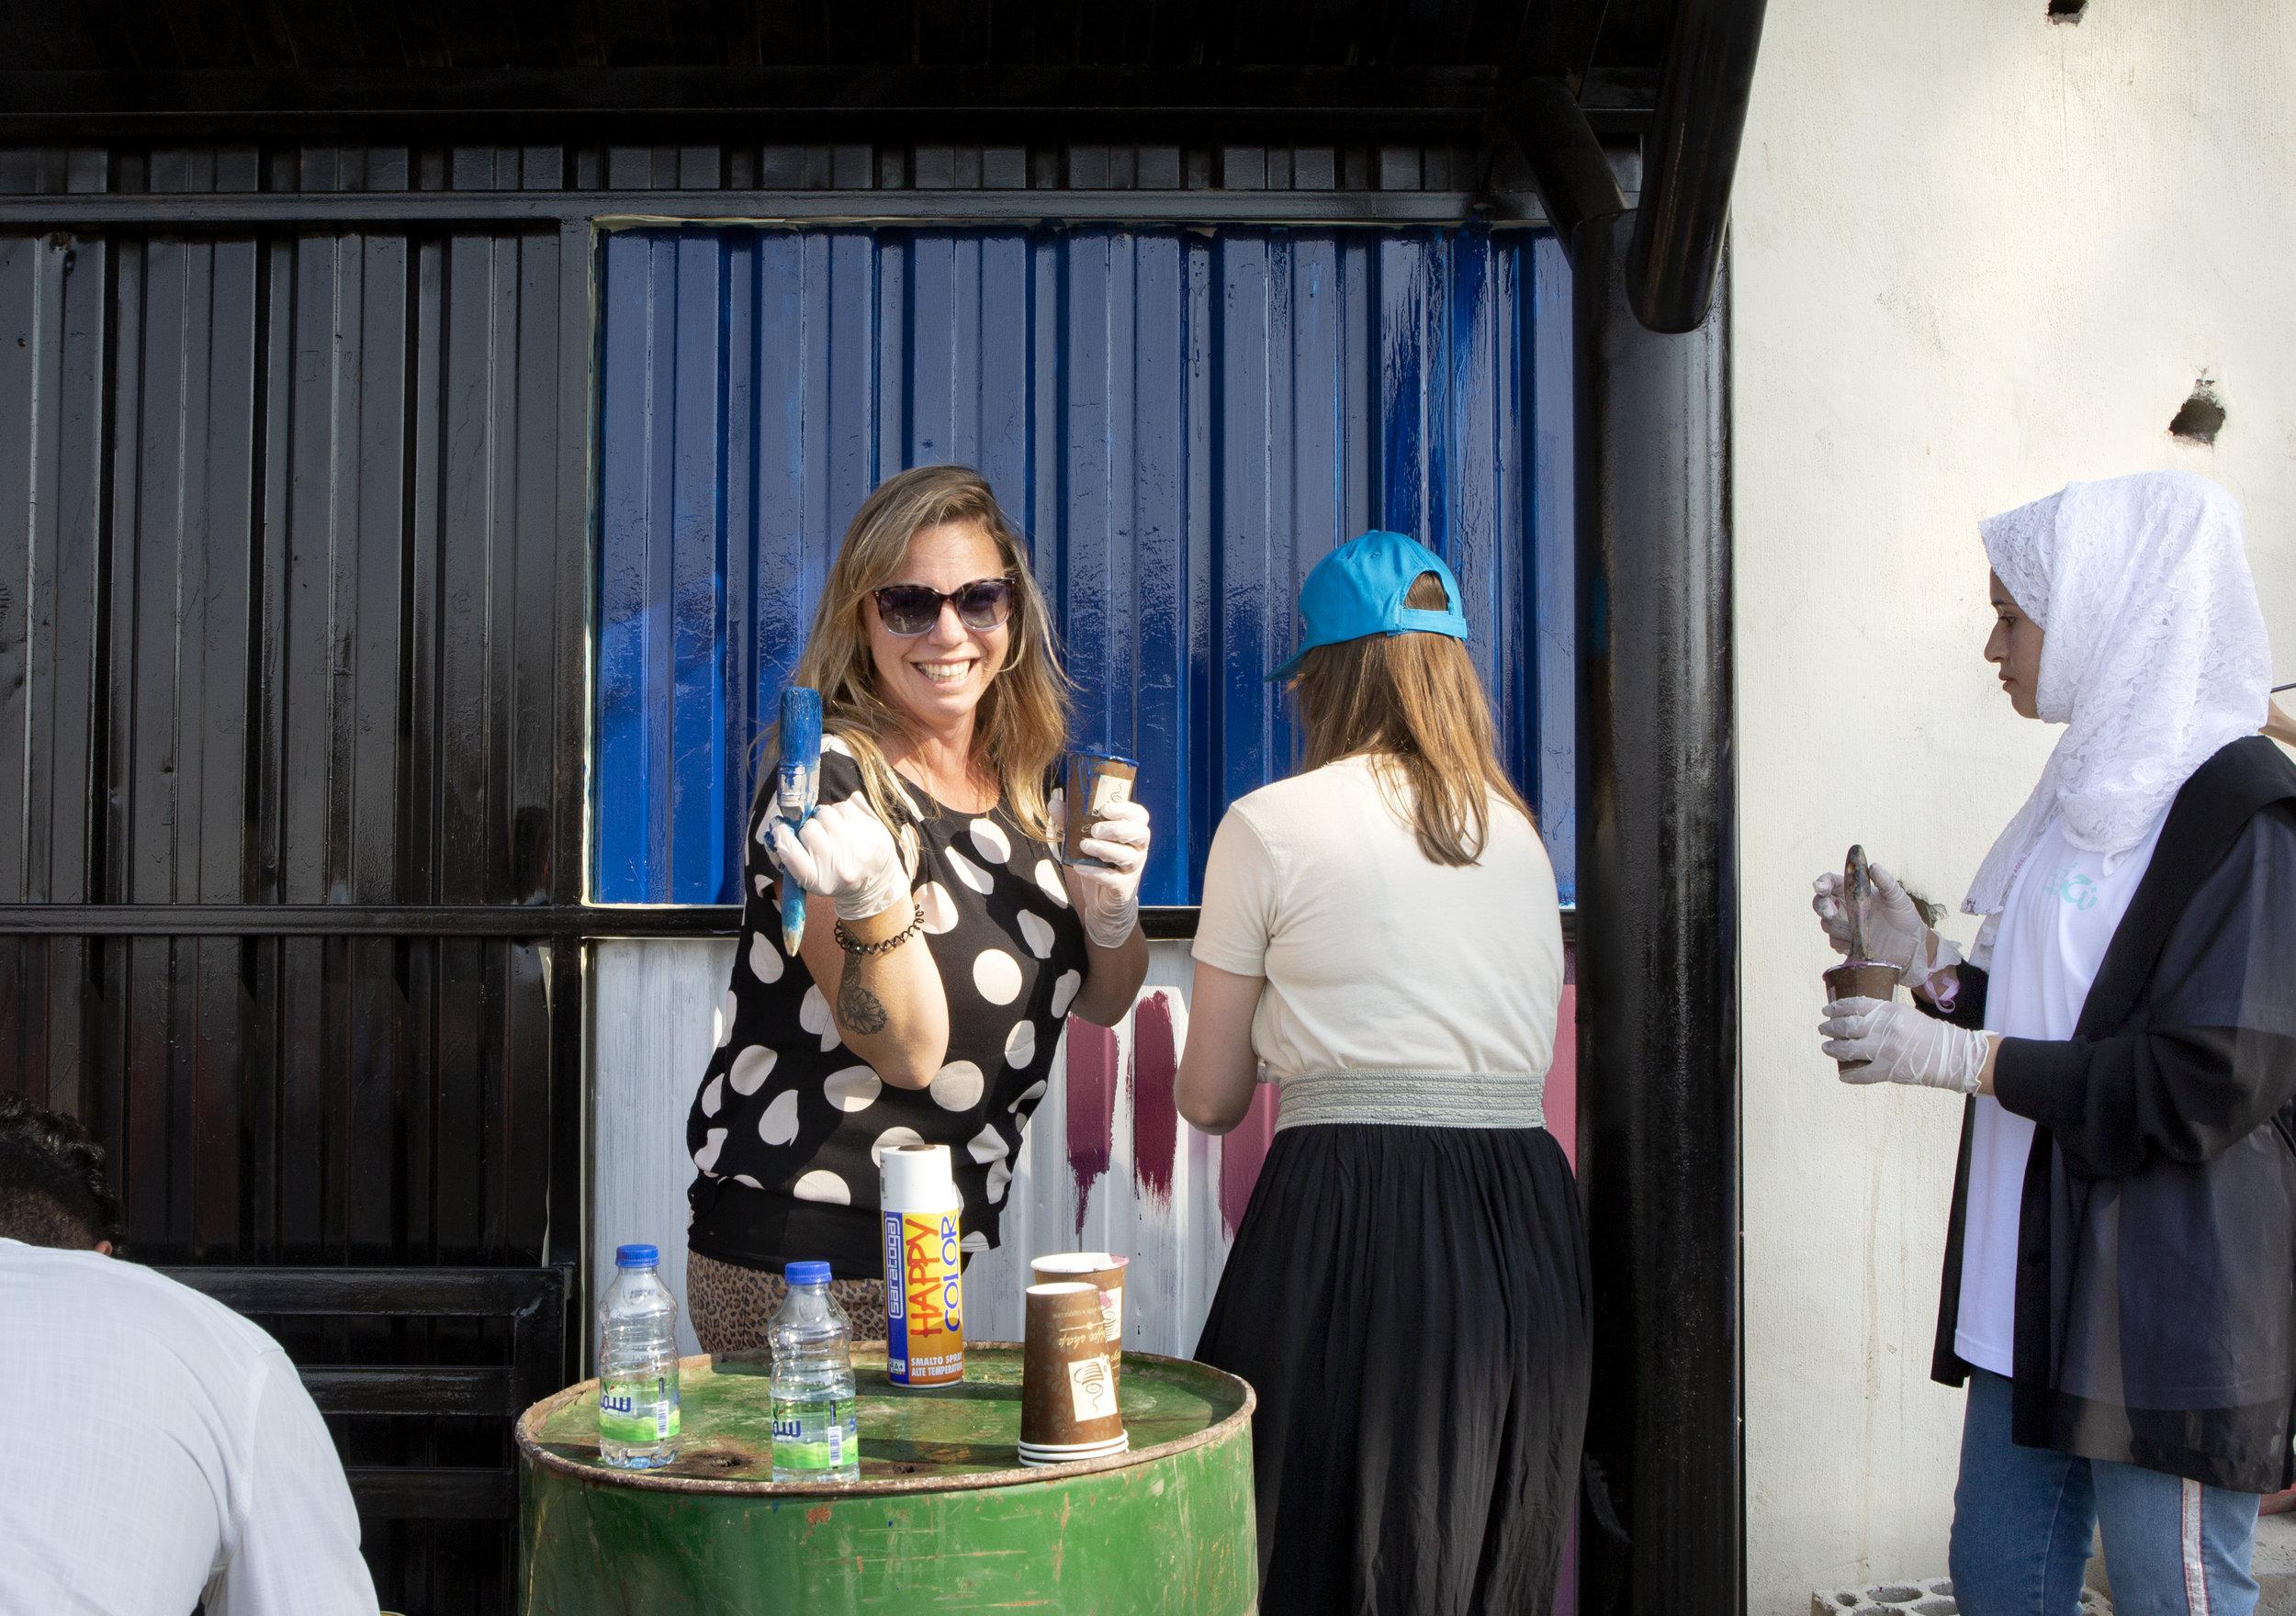 Jordanie, 31 augustus - 6 september 2019.Business vrijwilligers Peter Joziasse, Angela Frings en Joyce Goverde brengen (ism reisorganisatie Djoser) een bezoek aan diverse projecten in Jordanie:Oa Ministry of Youth jongerencentra, Green Rooftops (Peter/Mohamed), Beit Souf ecorestaurant (Joyce/Dooa), naaiatelier (Angela/moederMohamed), Nahno (schilderen), Youth Advisory Council (tafelgesprek), Makani centrum in Za'atari kamp,  Fablab en Teenah (tassen maken).